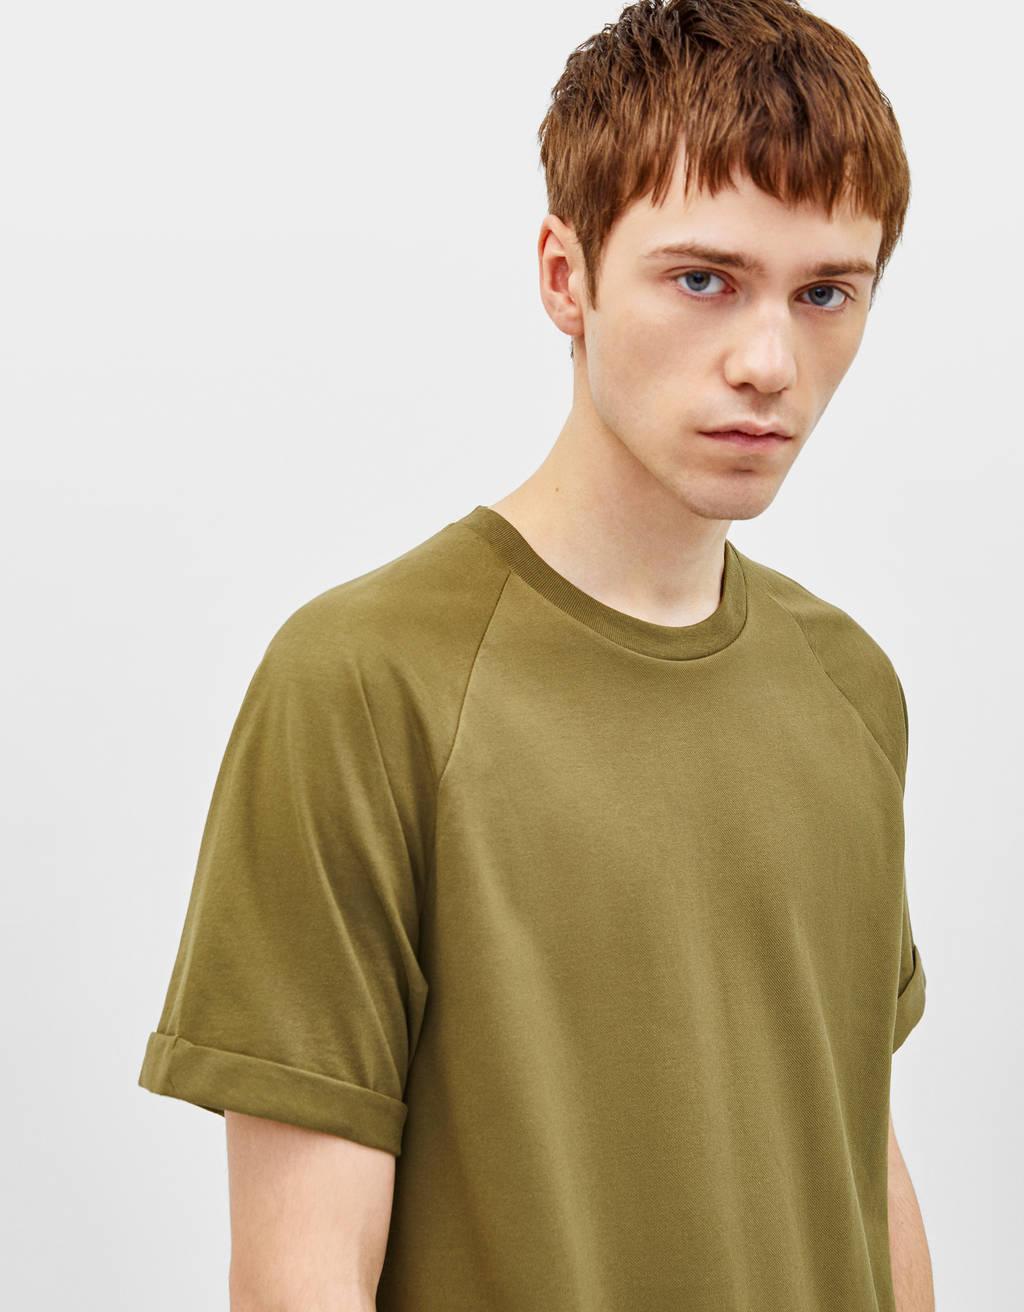 Pikė audinio marškinėliai